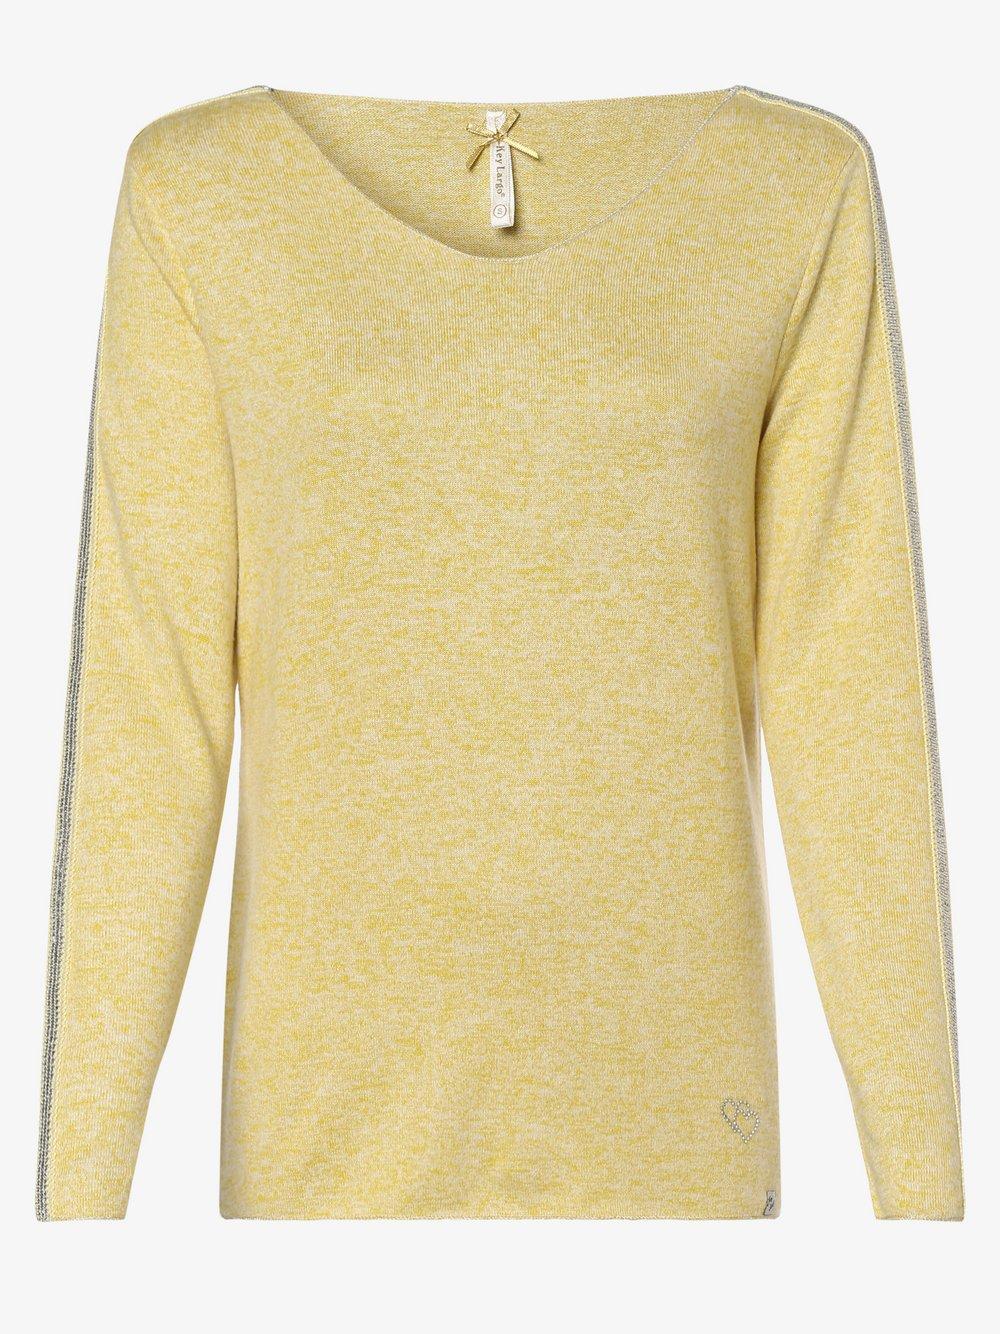 Key Largo - Sweter damski – Mona, żółty